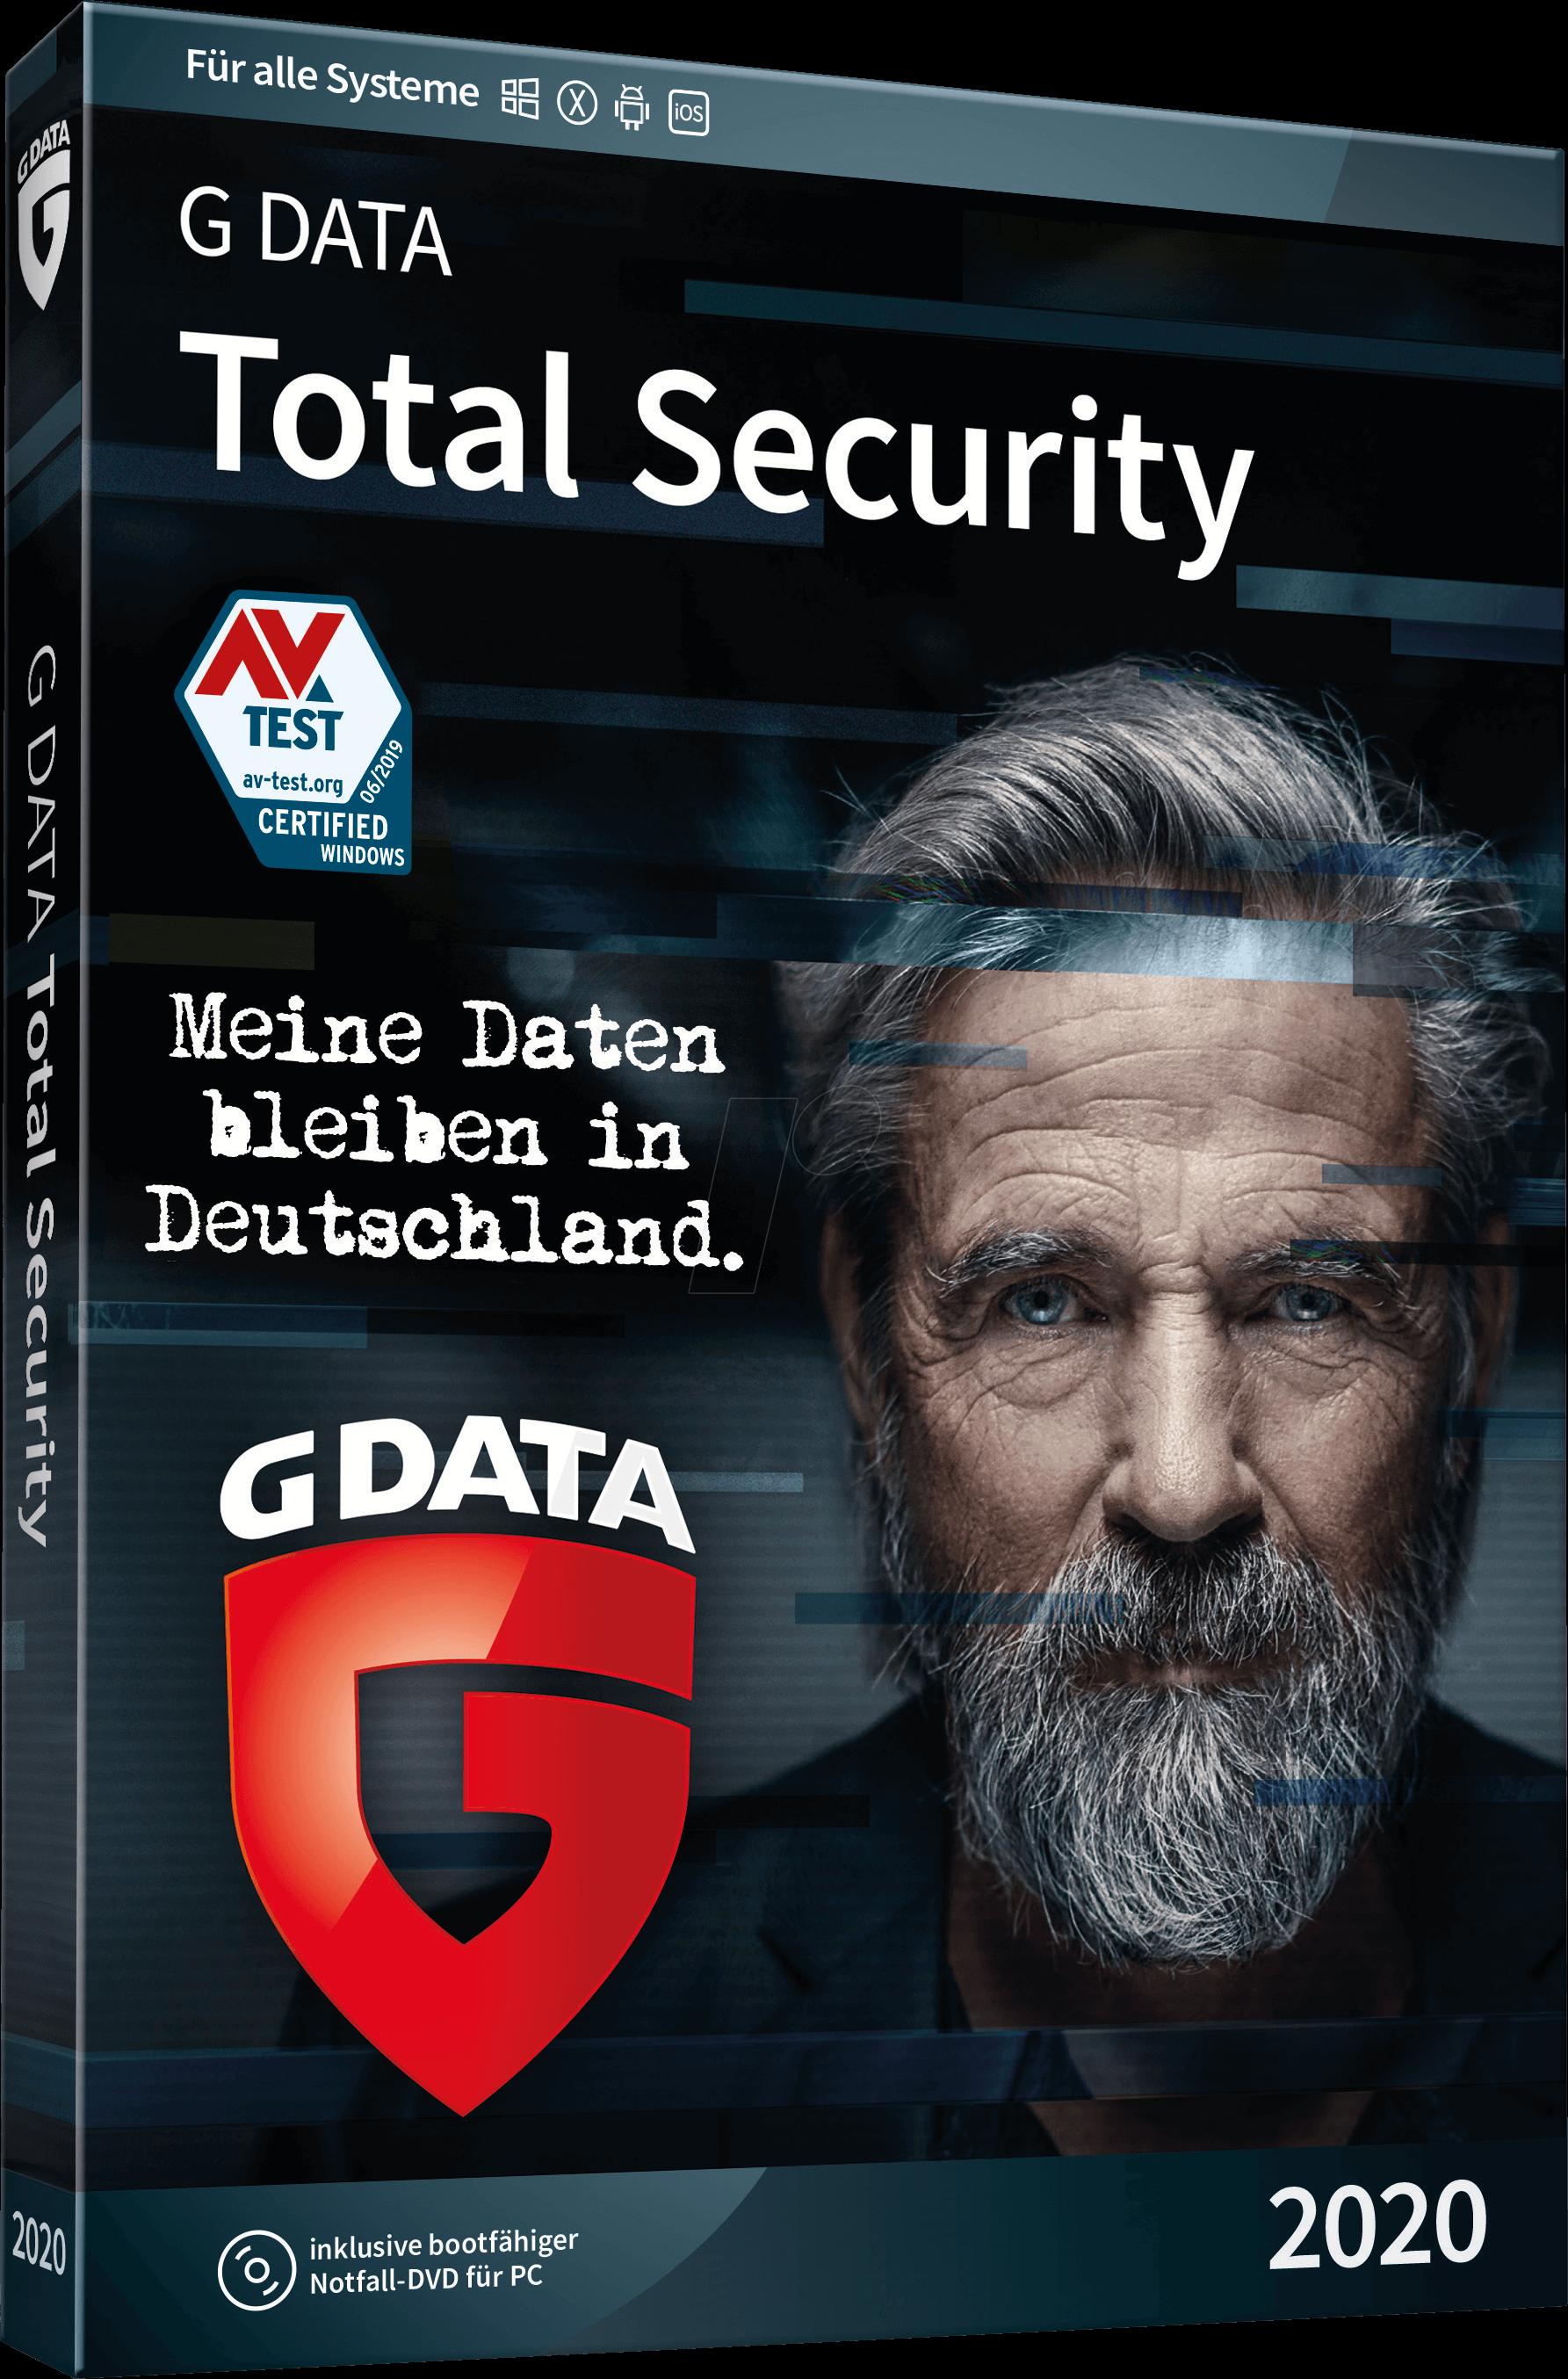 https://cdn-reichelt.de/bilder/web/xxl_ws/E910/GDATA_TS_2020_02.png